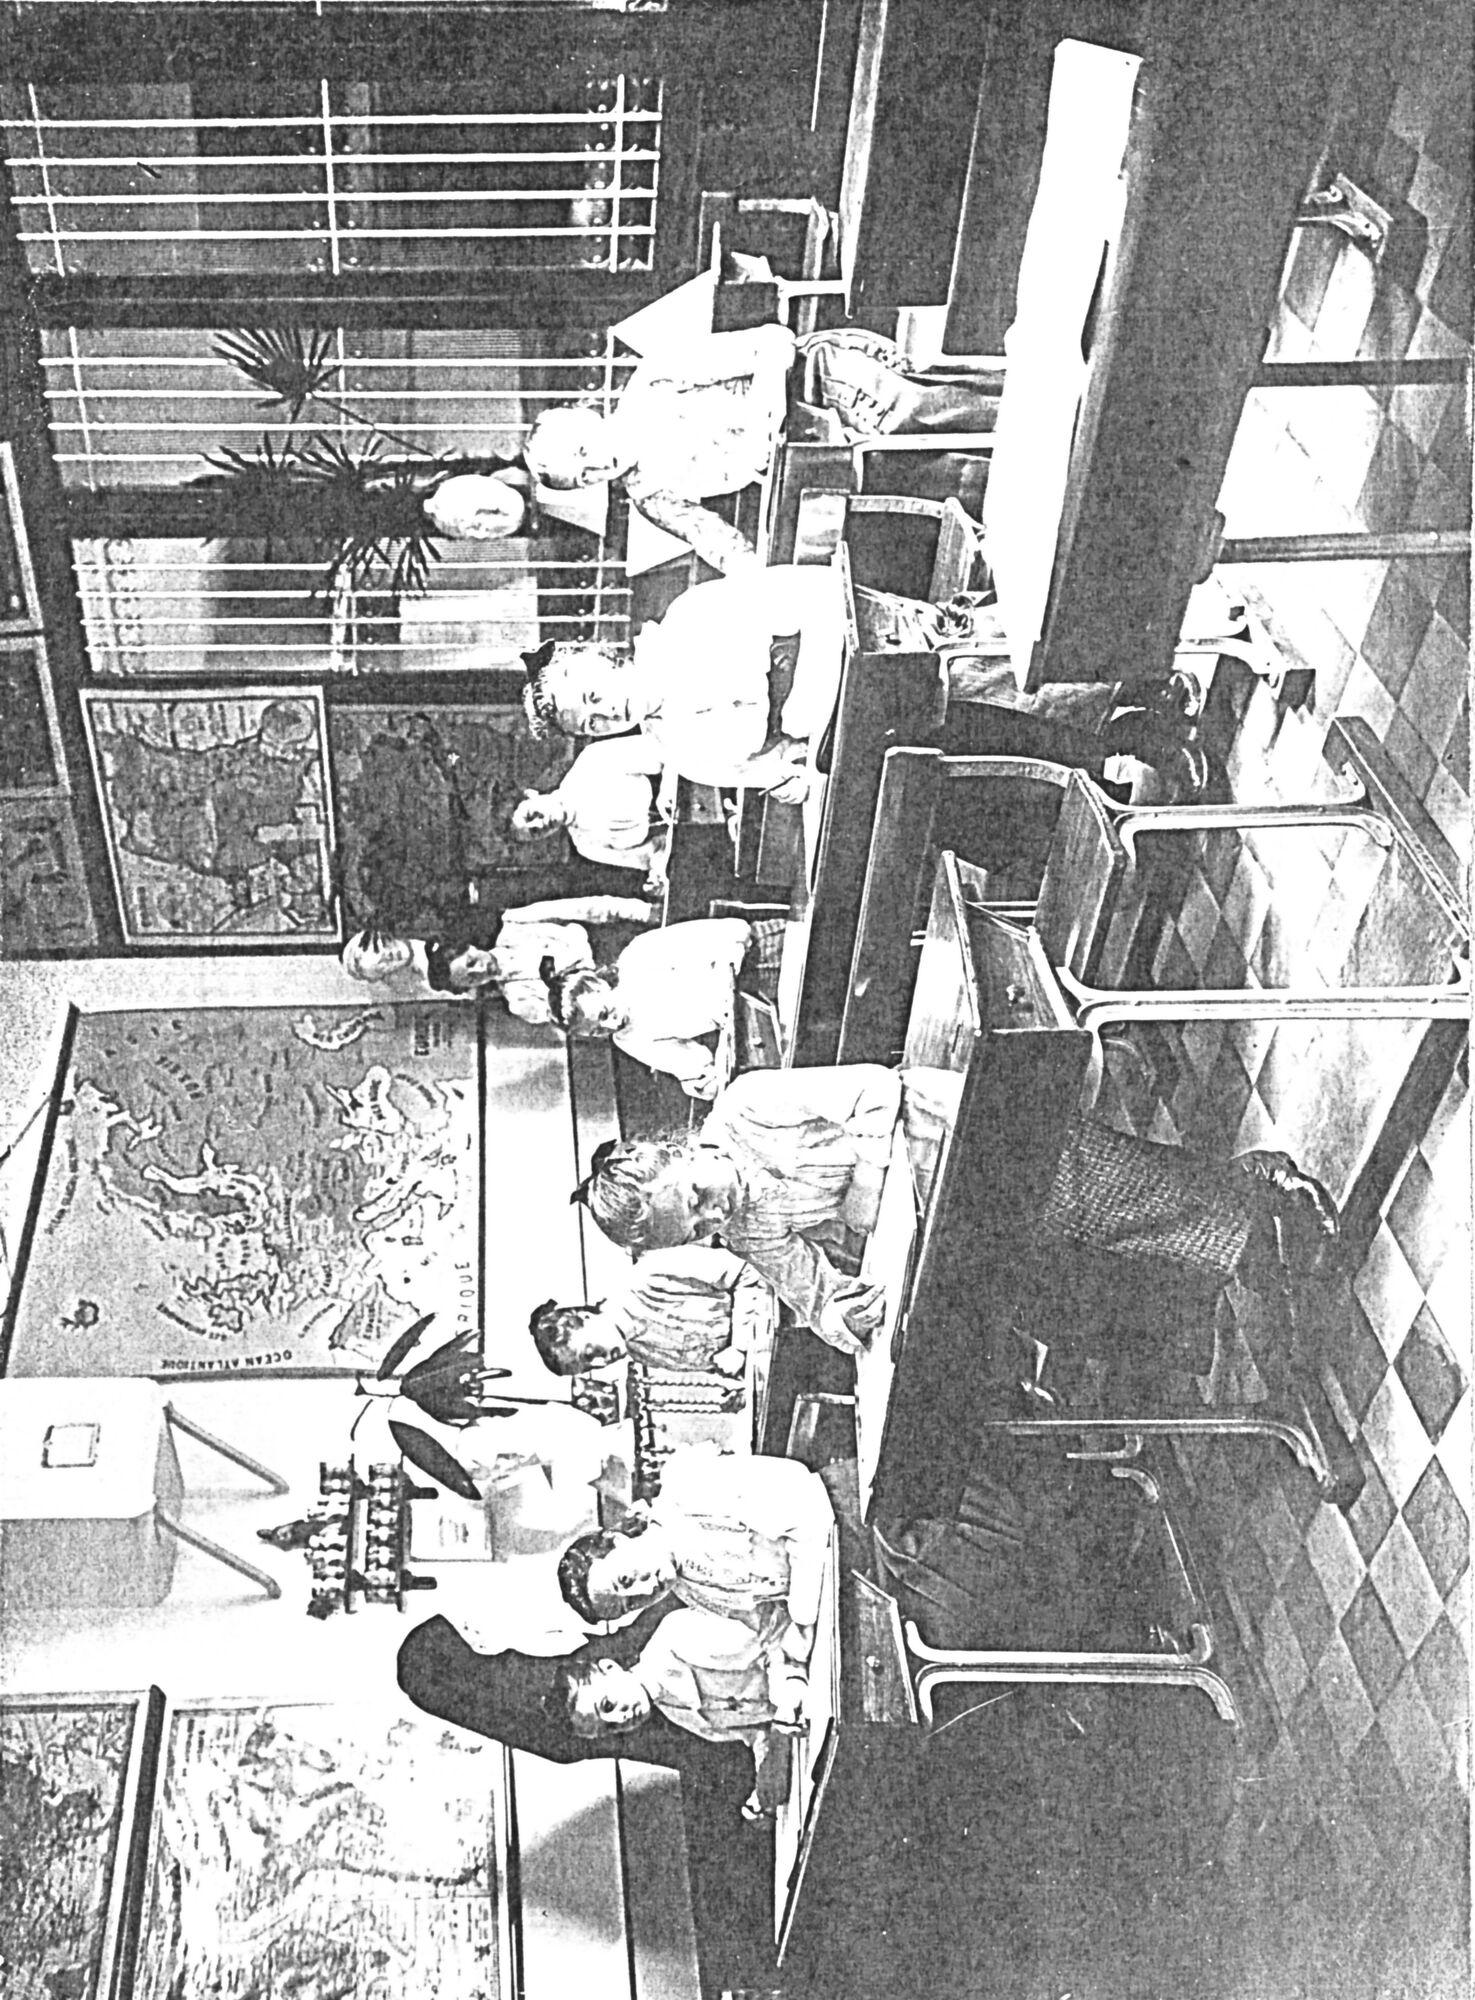 Klooster Deftinge - klaslokal